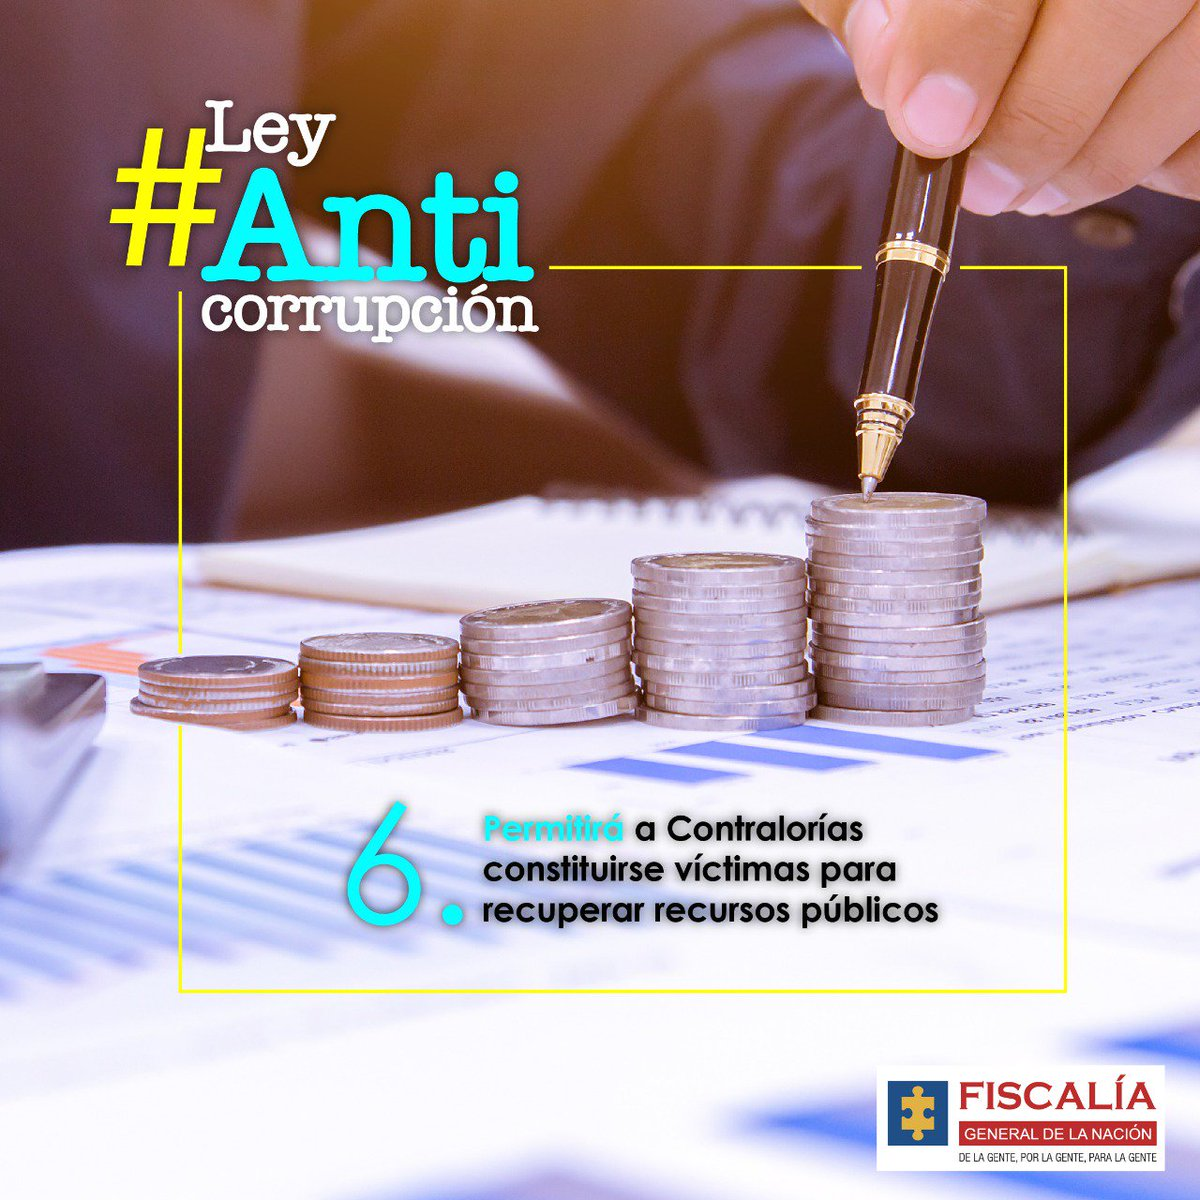 #LeyAnticorrupción propuesta por #Fiscalía faculta a la @CGR_Colombia y contralorías del país para constituirse como víctima para recuperar los dineros públicos afectados por redes de corrupción. #LuchaContraLaCorrupción